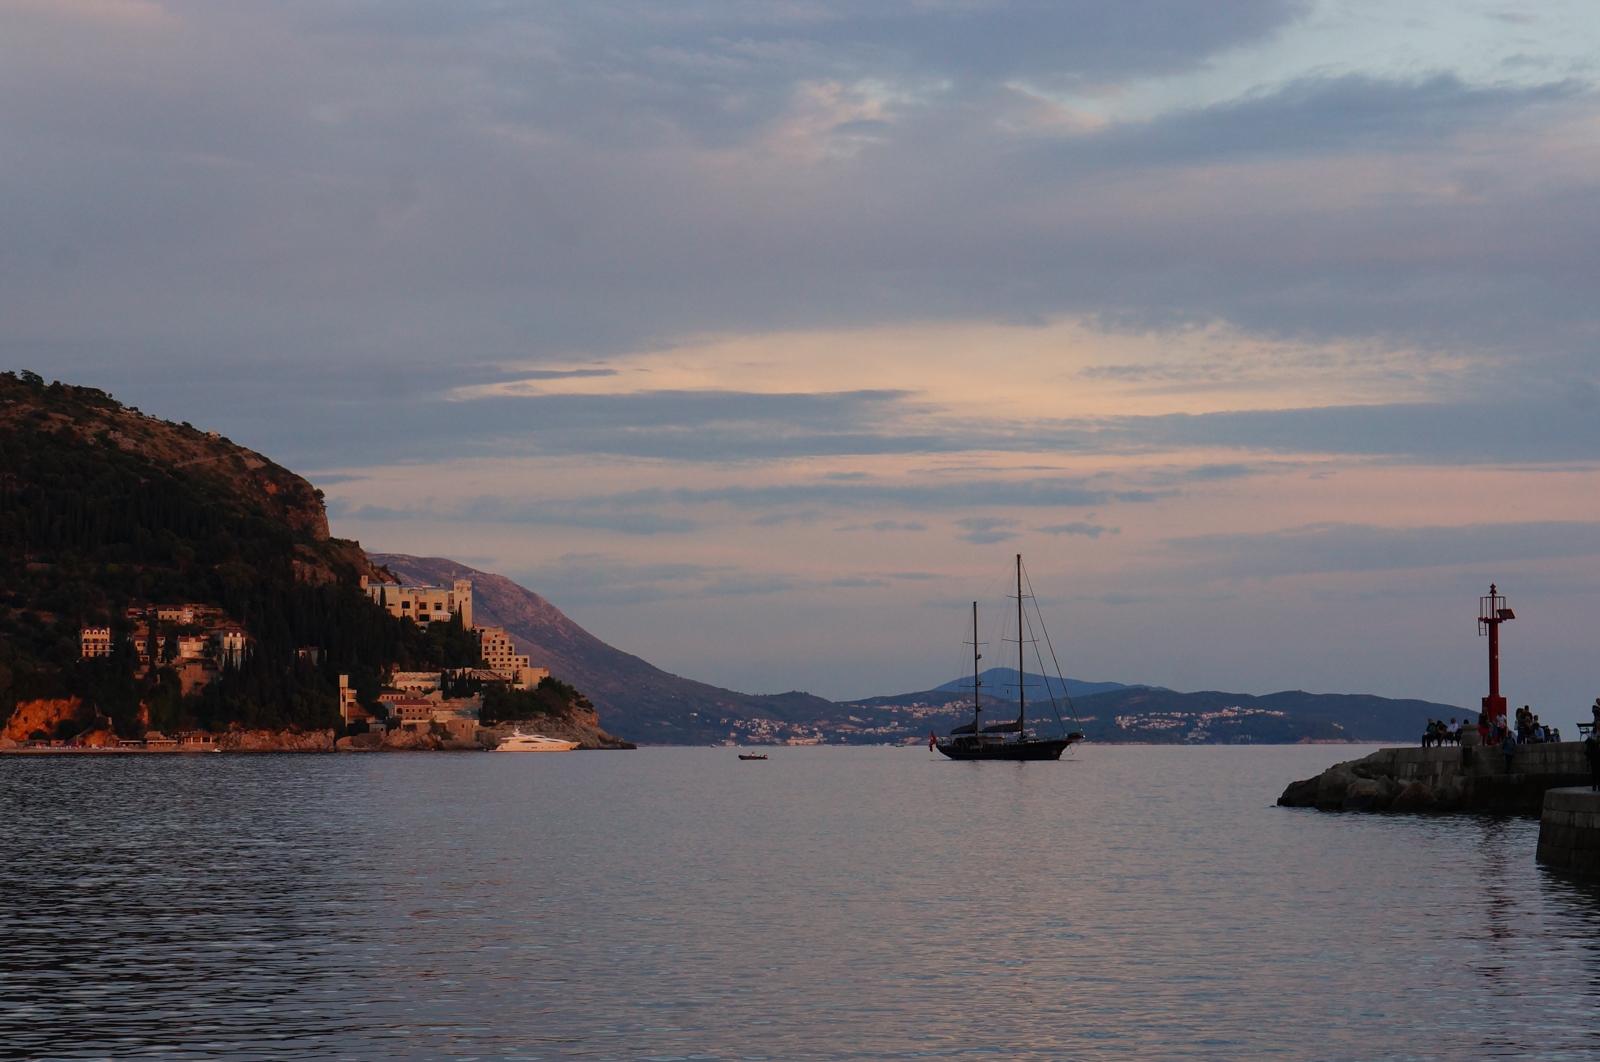 dubrovnik, tourisme dubrovnik, dubrovnik septembre, voyage croatie, blog voyage craotie, croatie 2017, sunset dubrovnik, port durbovnik